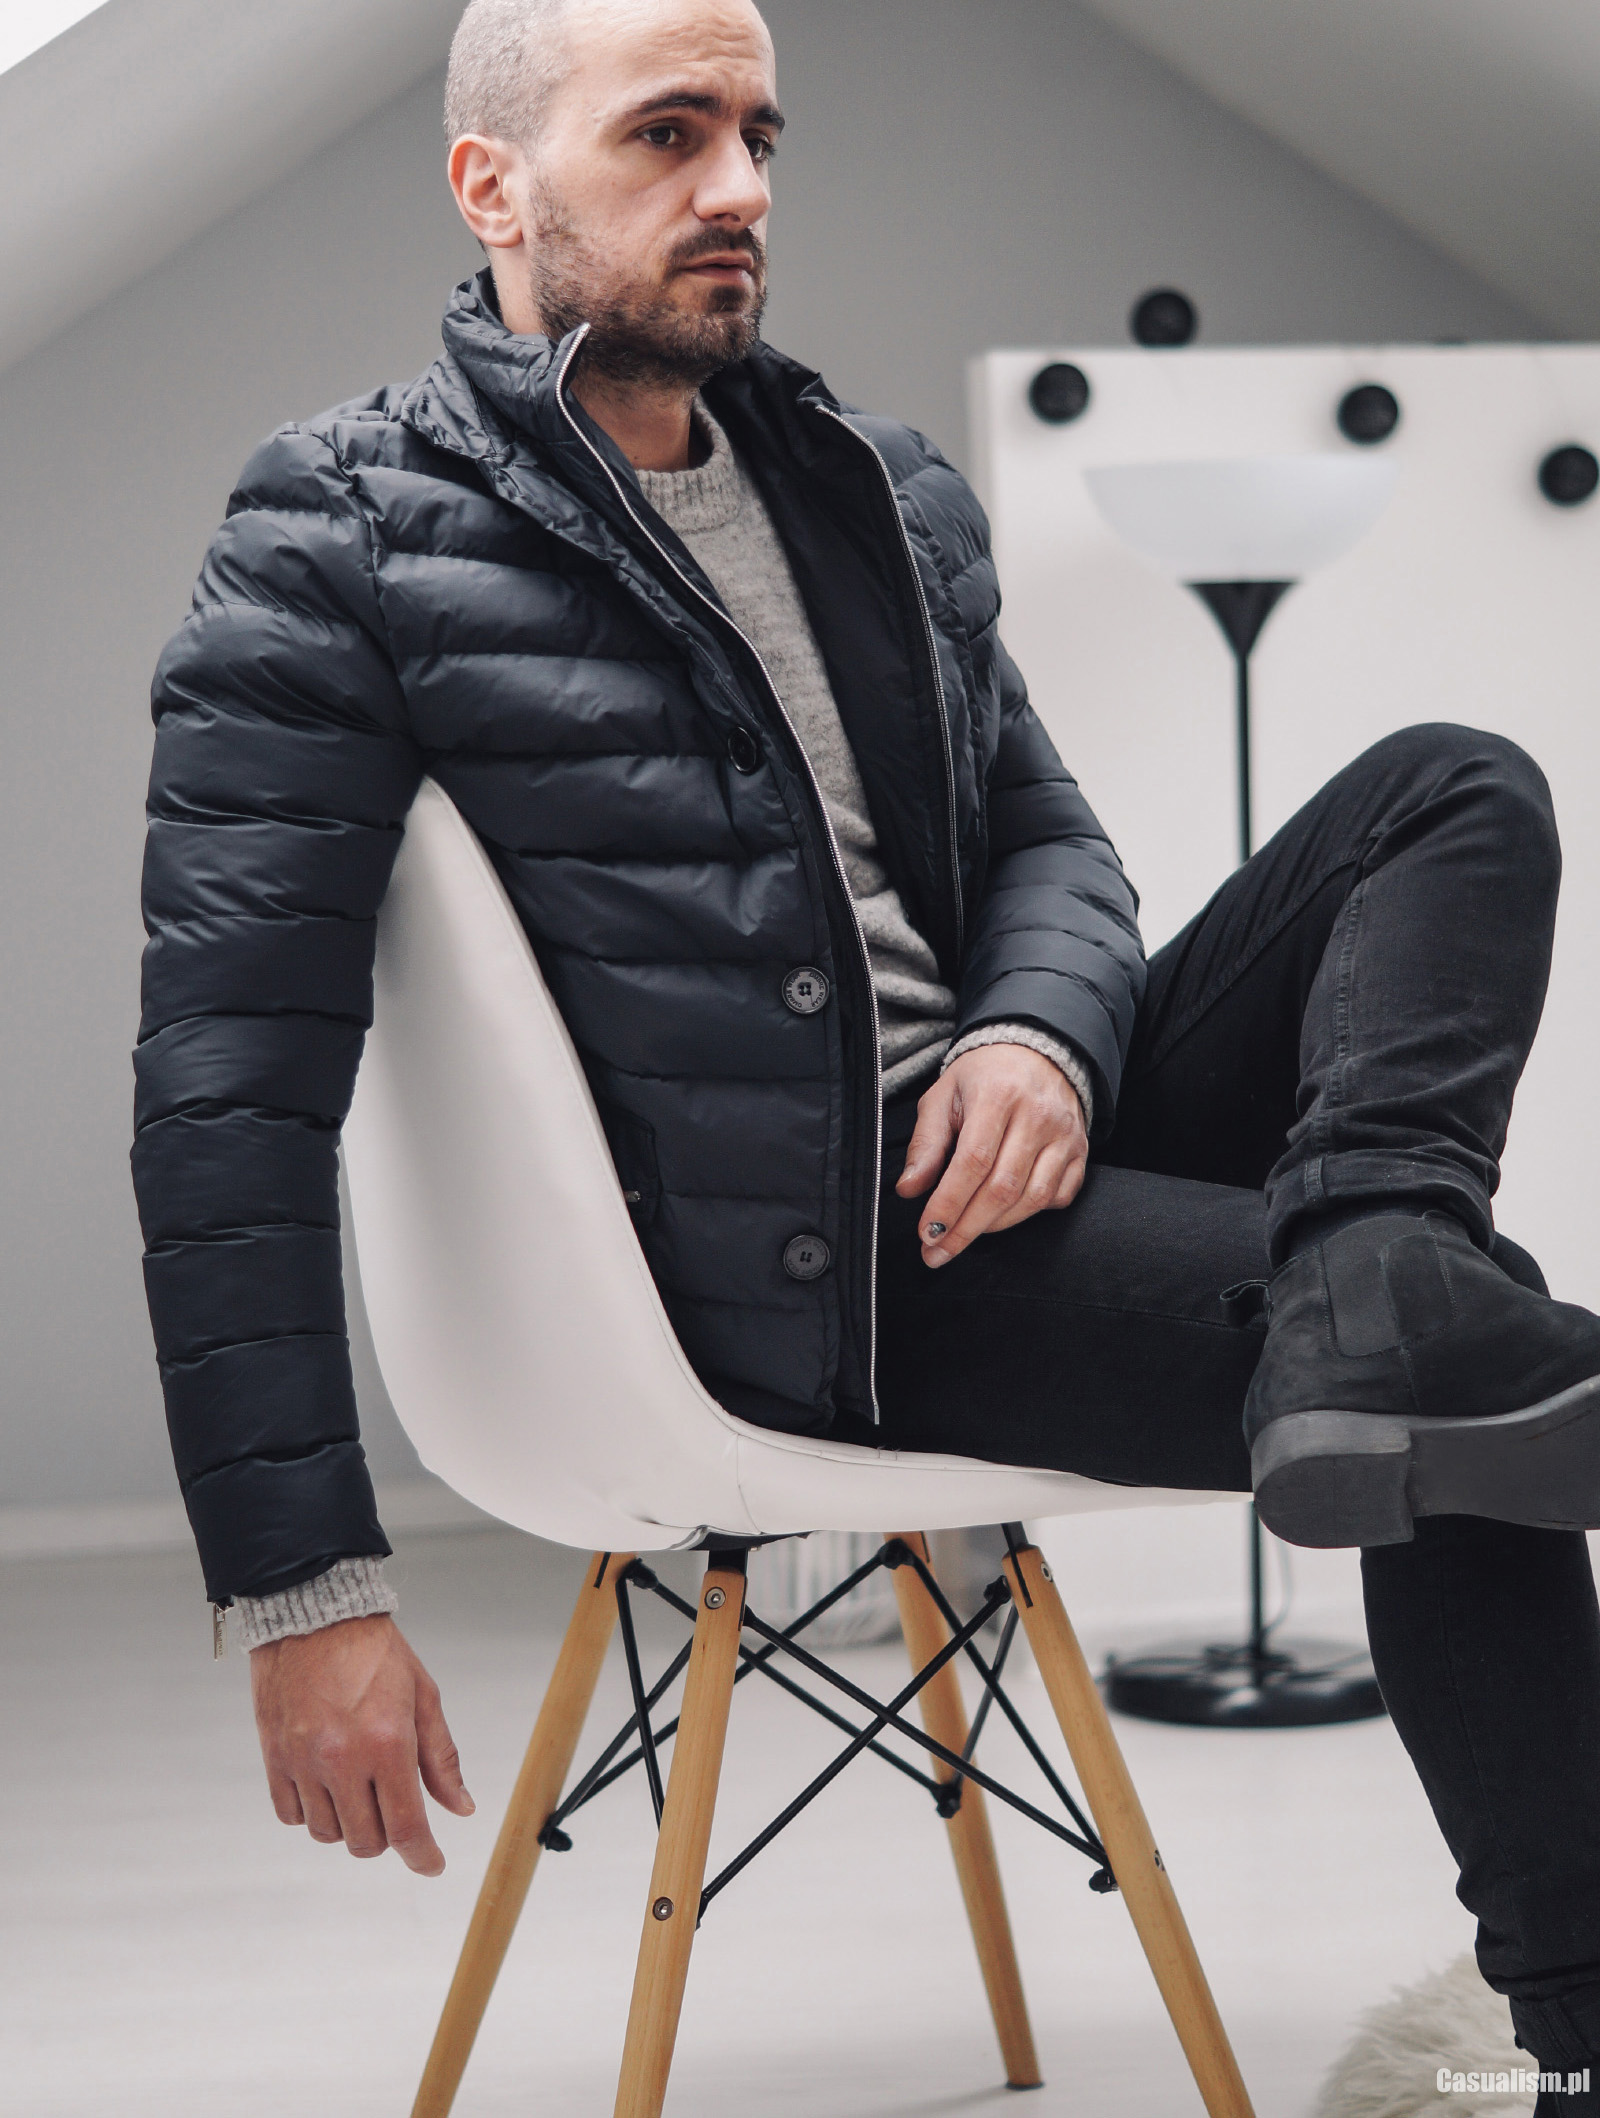 cienka kurtka męska, męskie kurtki cienkie, cienka kurtka dla faceta, cienkie kurteczki męskie, kurtka wiosenna męska